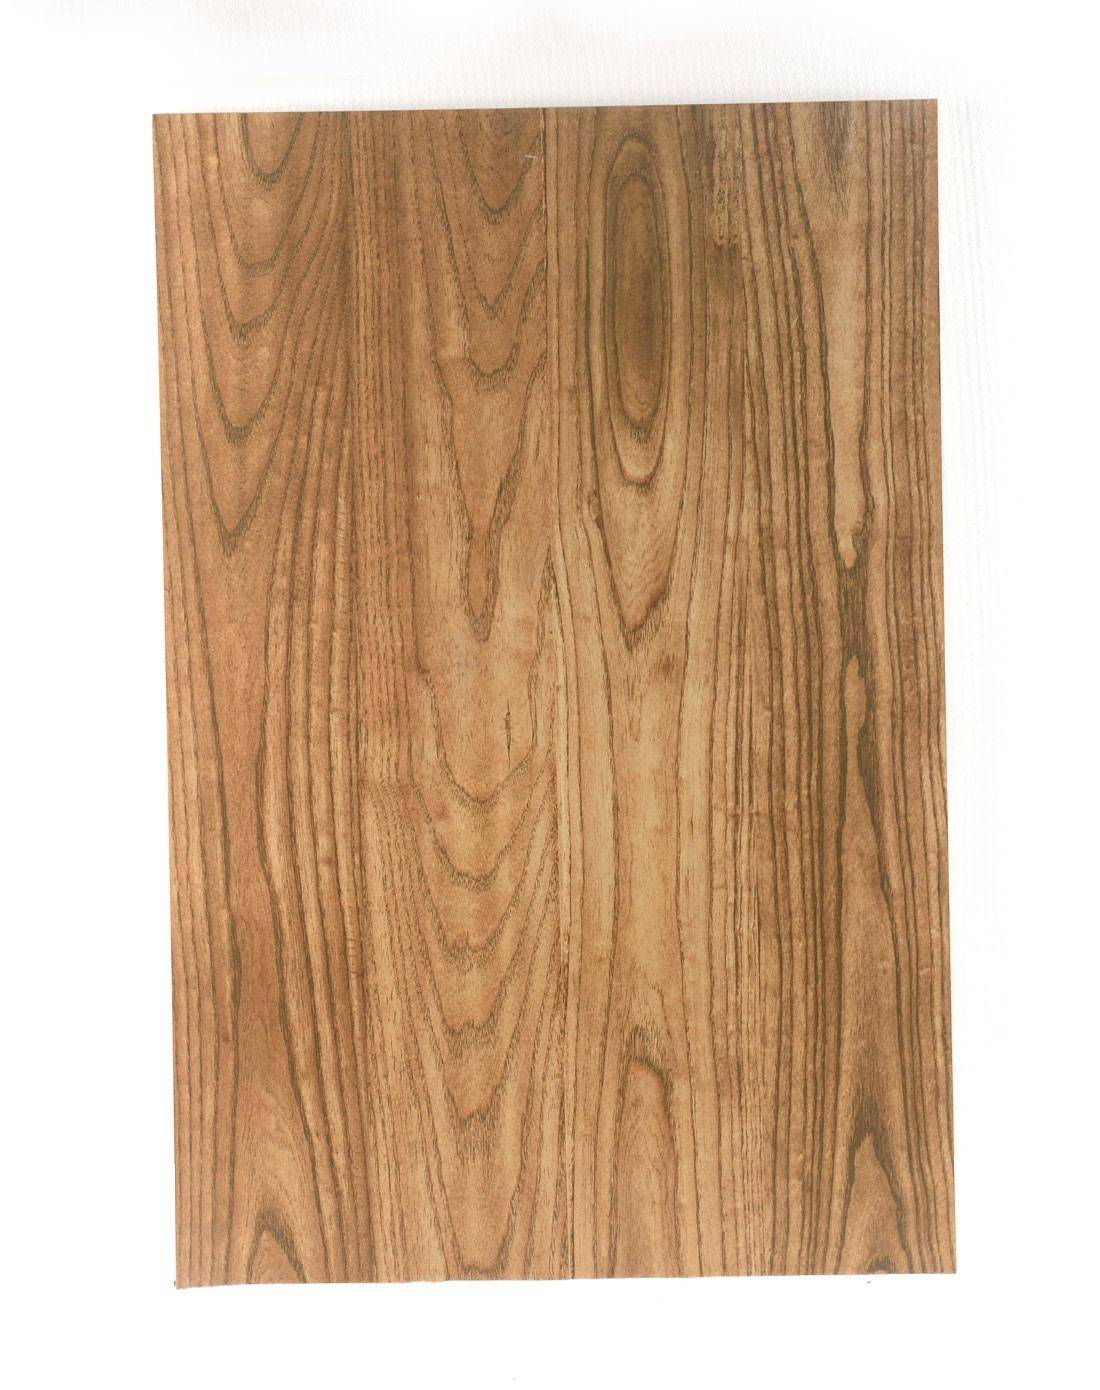 900*600橡木瓷木地板(箱装)